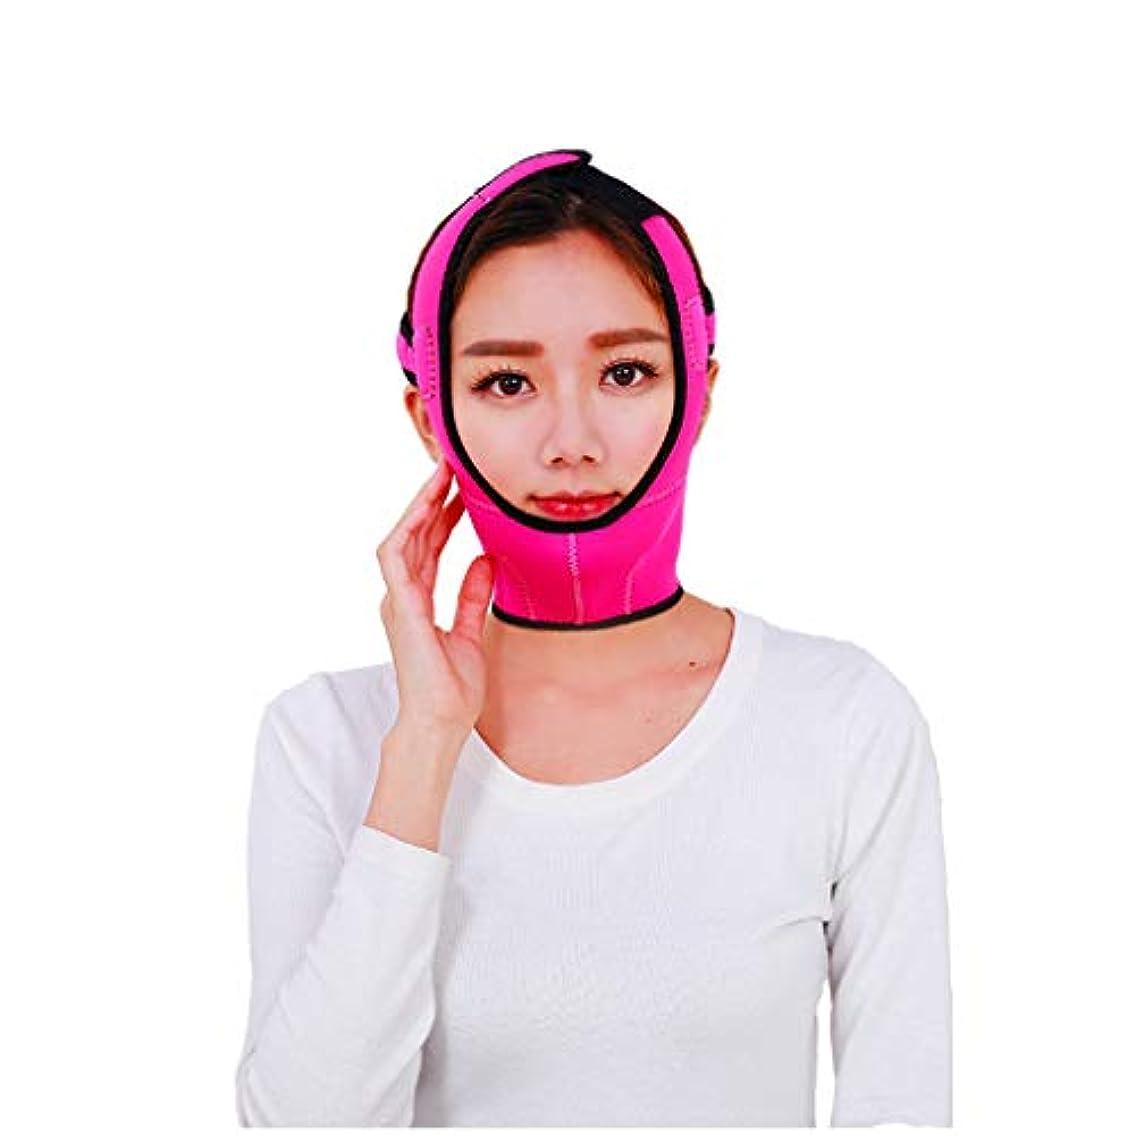 エンコミウム比べる勇者顔のマスクは、胸の皮膚を引き締め首の皮膚を強化収縮リフティング包帯を和らげる